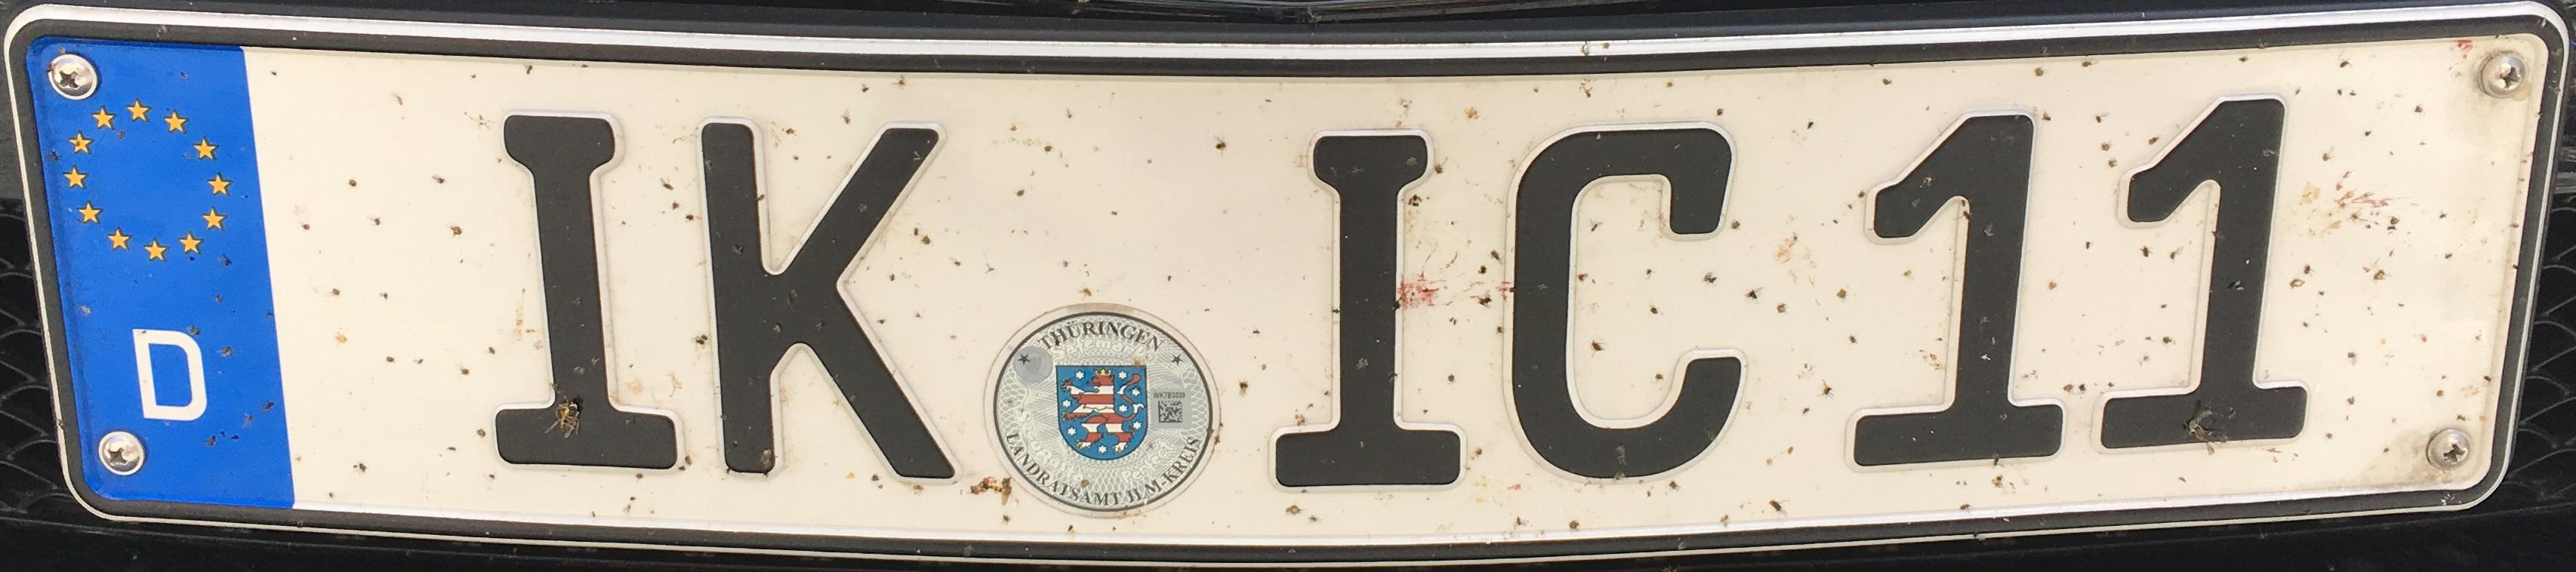 Registrační značka Německo - IK - Ilm-Kreis, foto: www.podalnici.cz